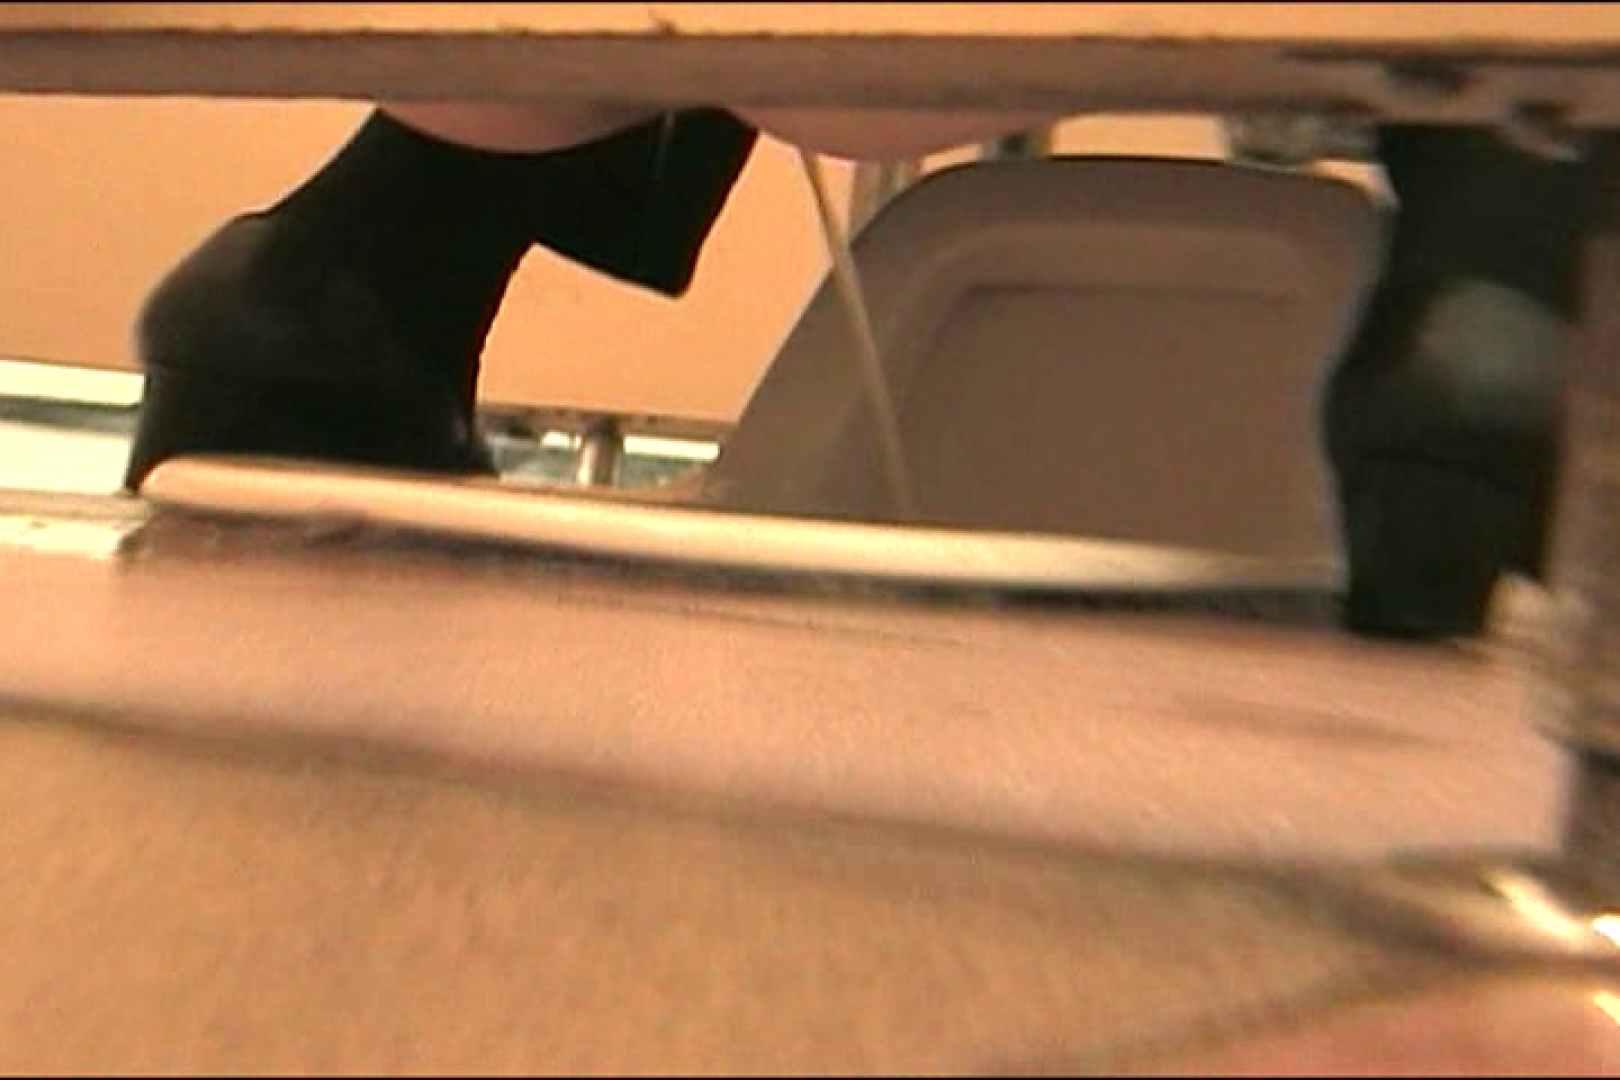 マンコ丸見え女子洗面所Vol.44 丸見えマンコ 隠し撮りオマンコ動画紹介 90PIX 41